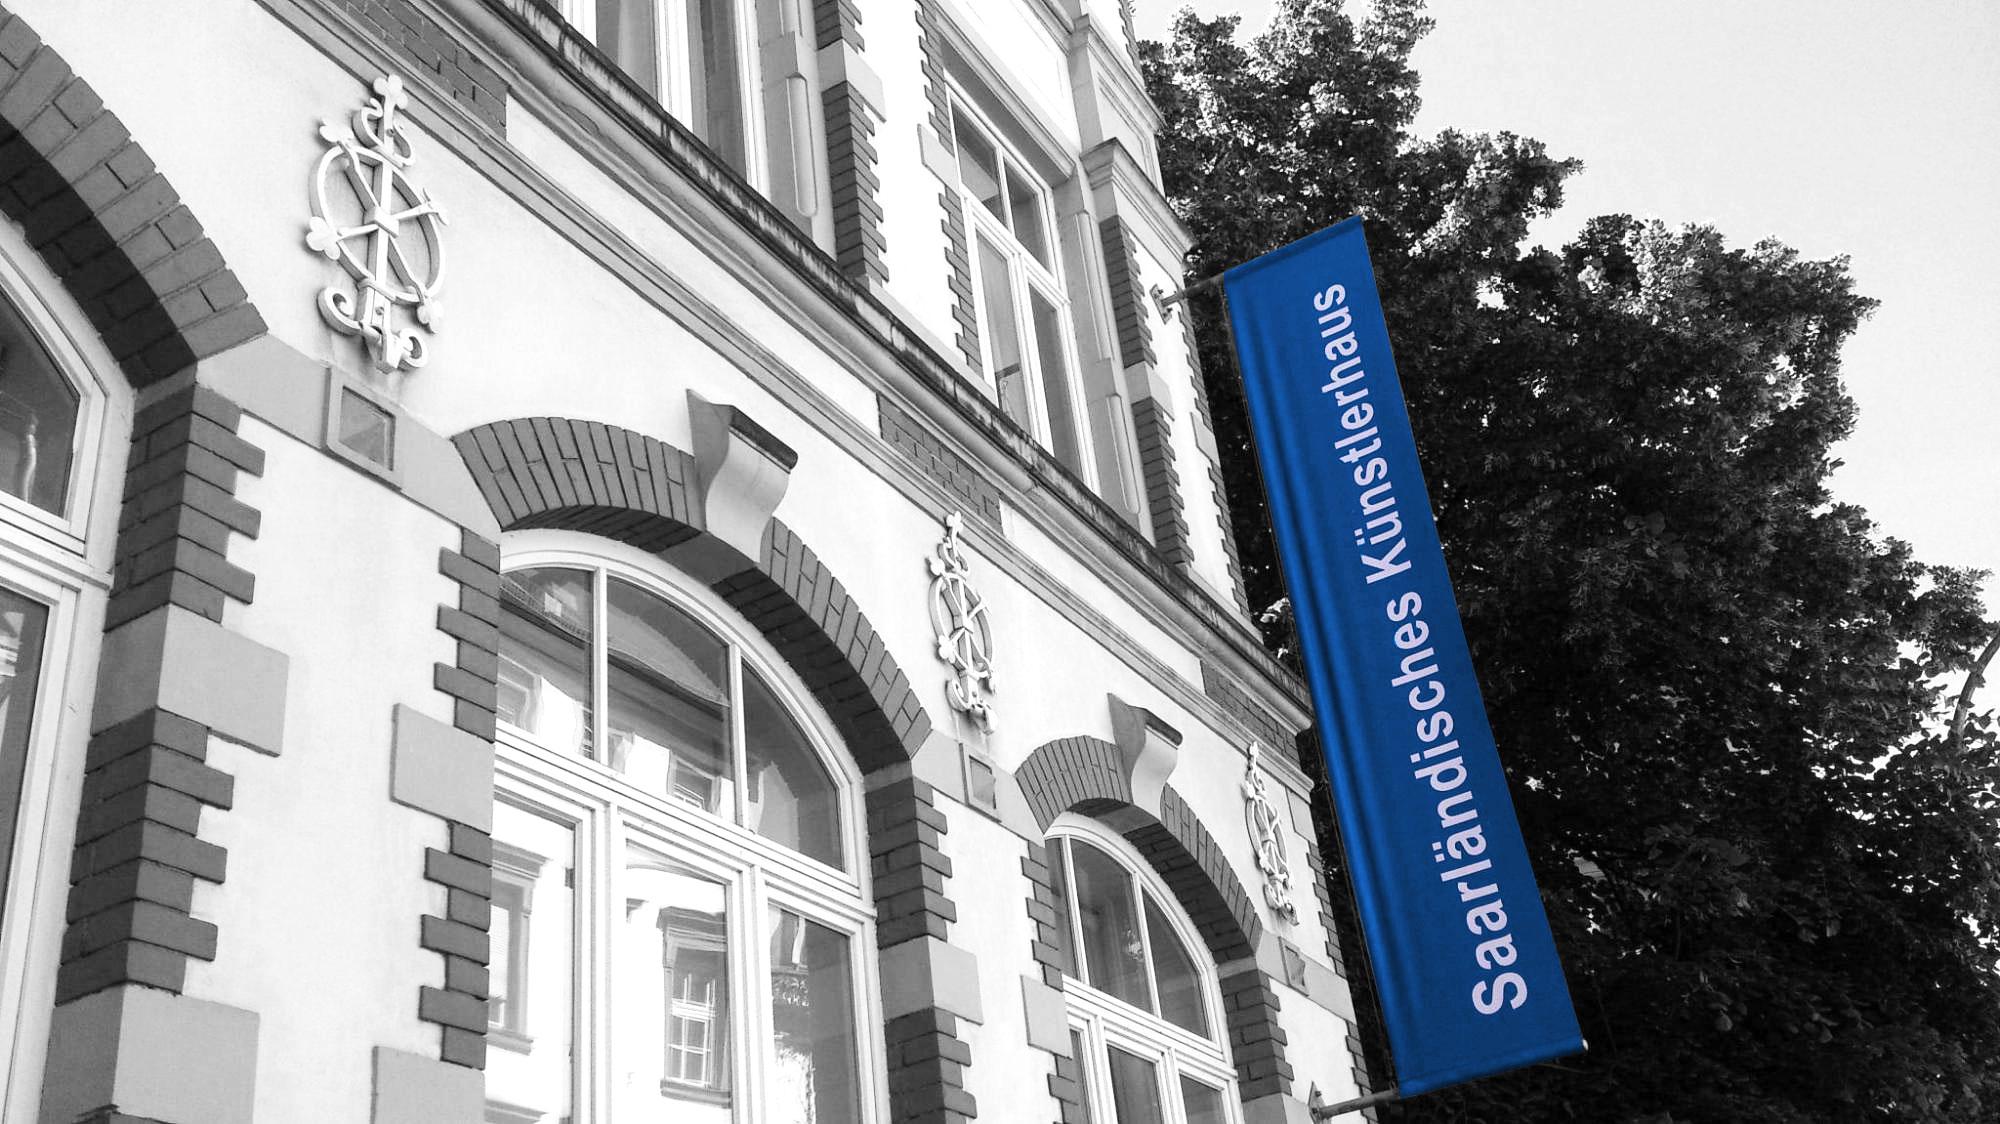 Saarländisches Künstlerhaus Saarbrücken e.V.